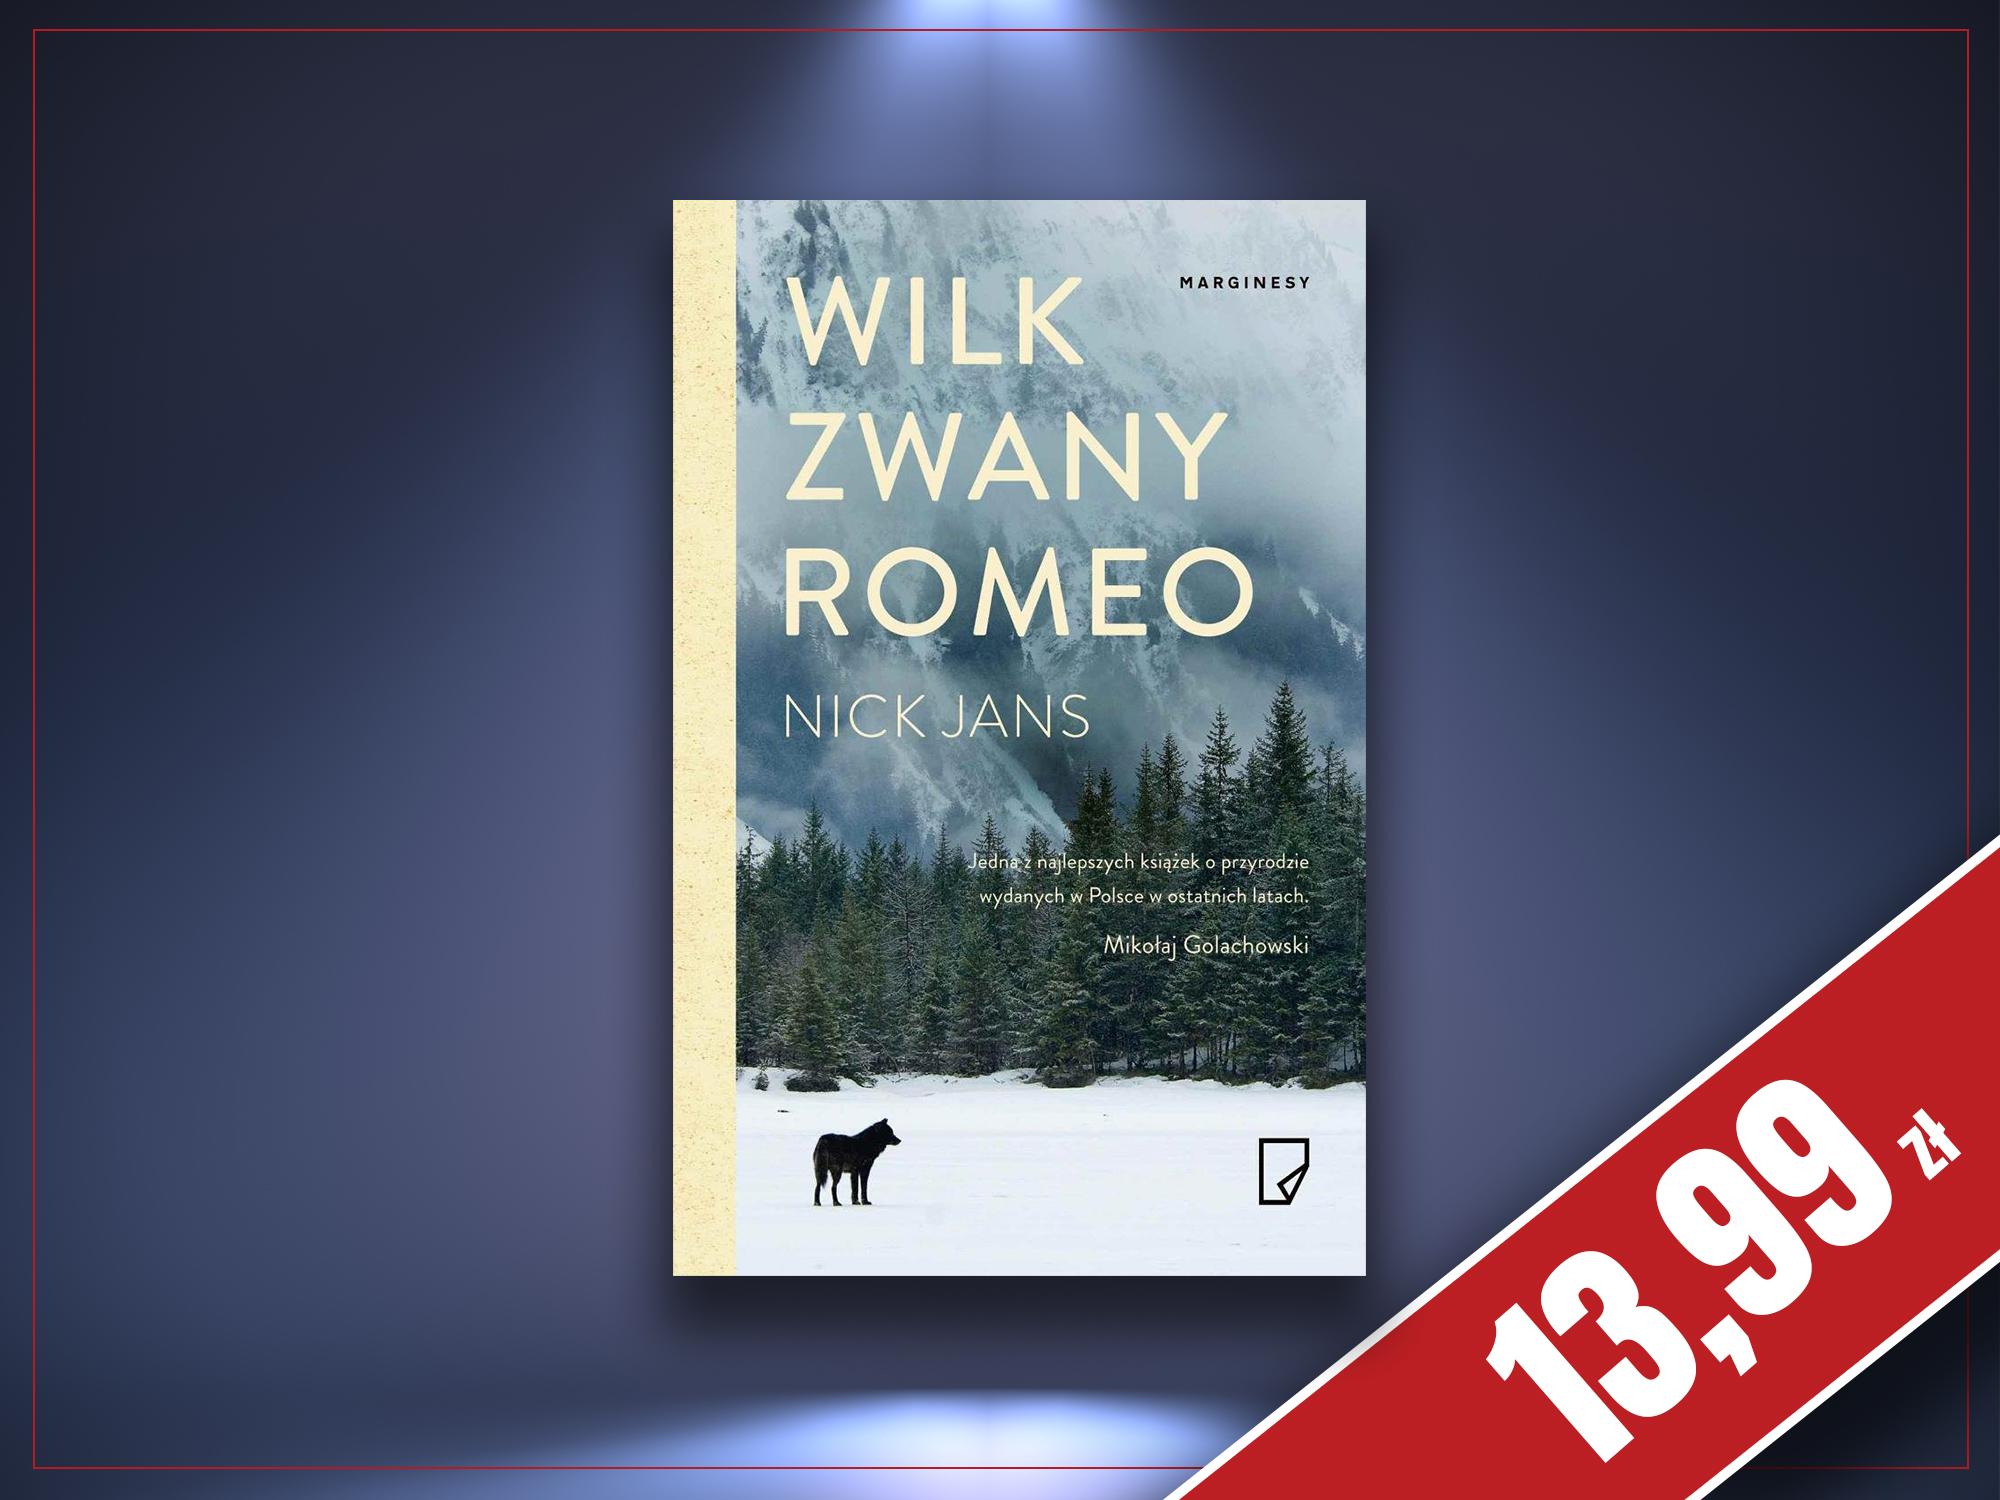 Wilk zwany Romeo, Nick Jans